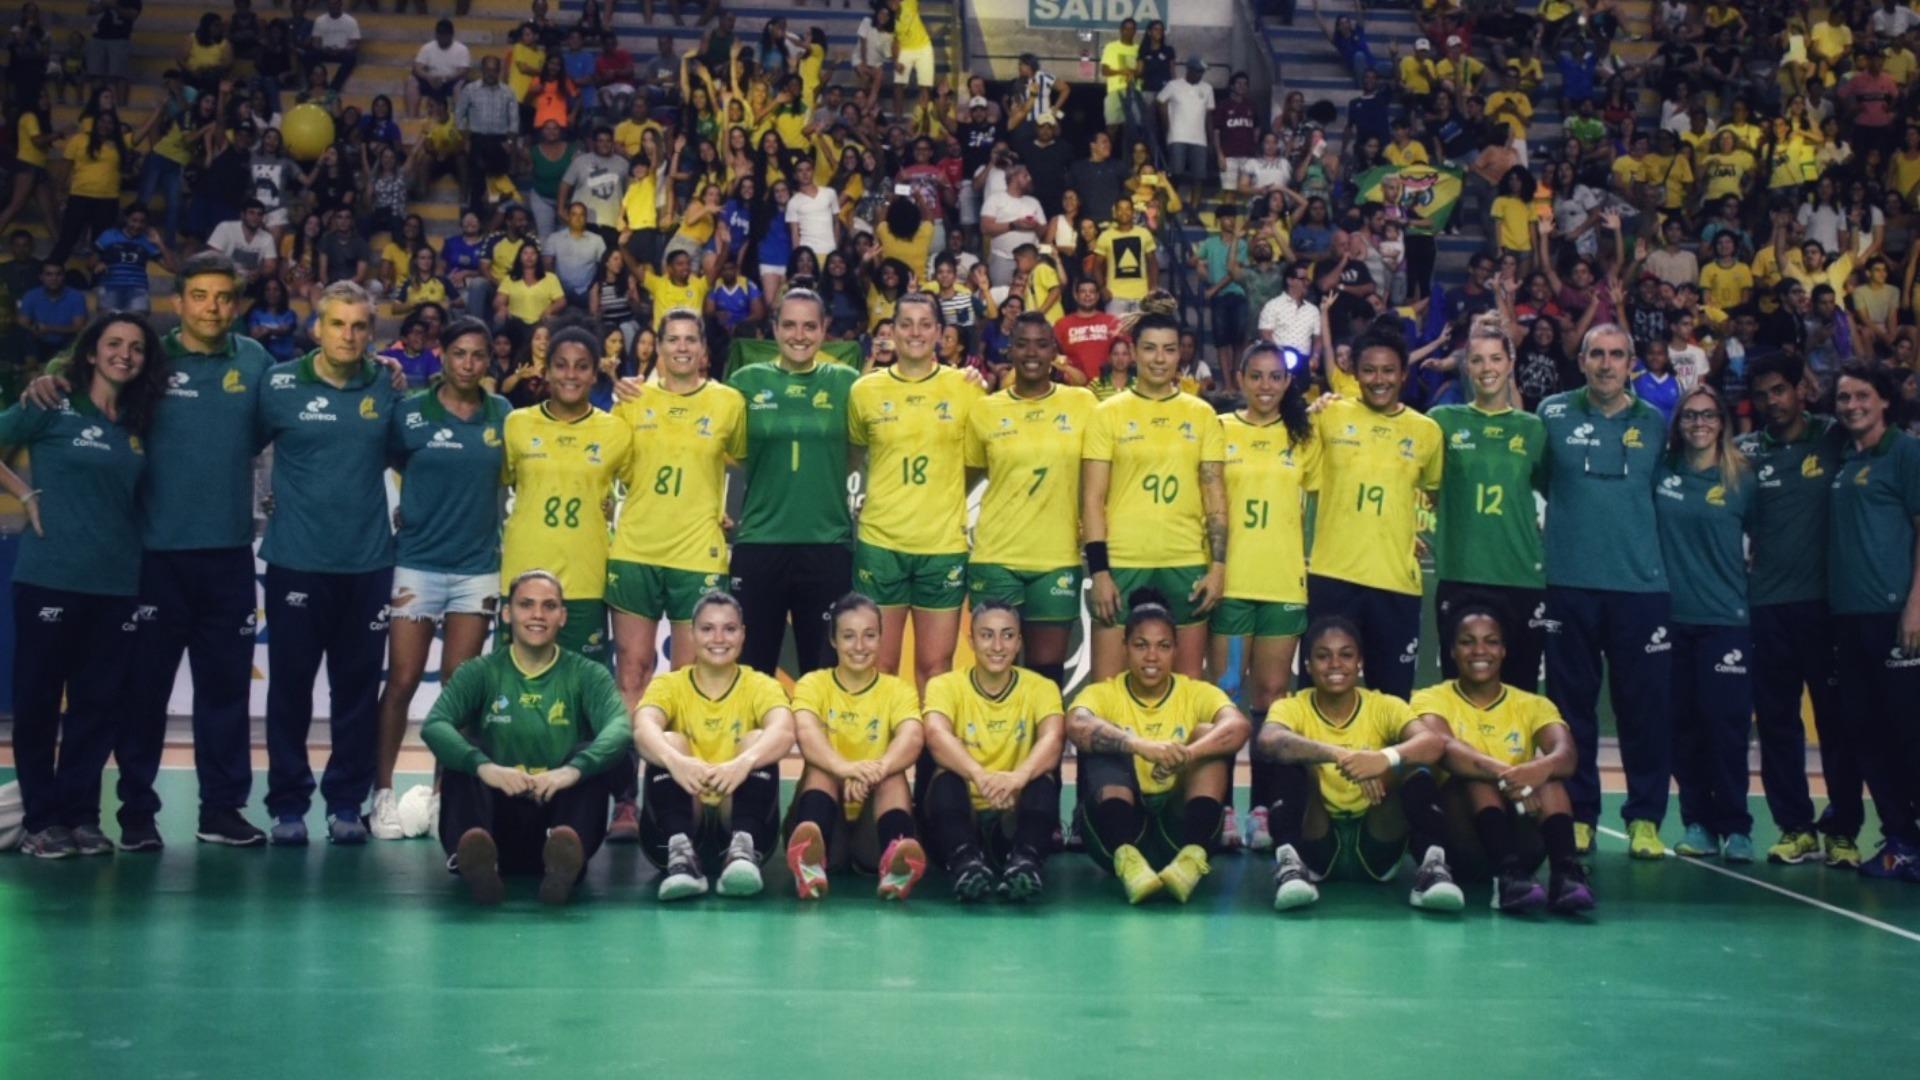 Descubra como o Handebol iniciou no Brasil